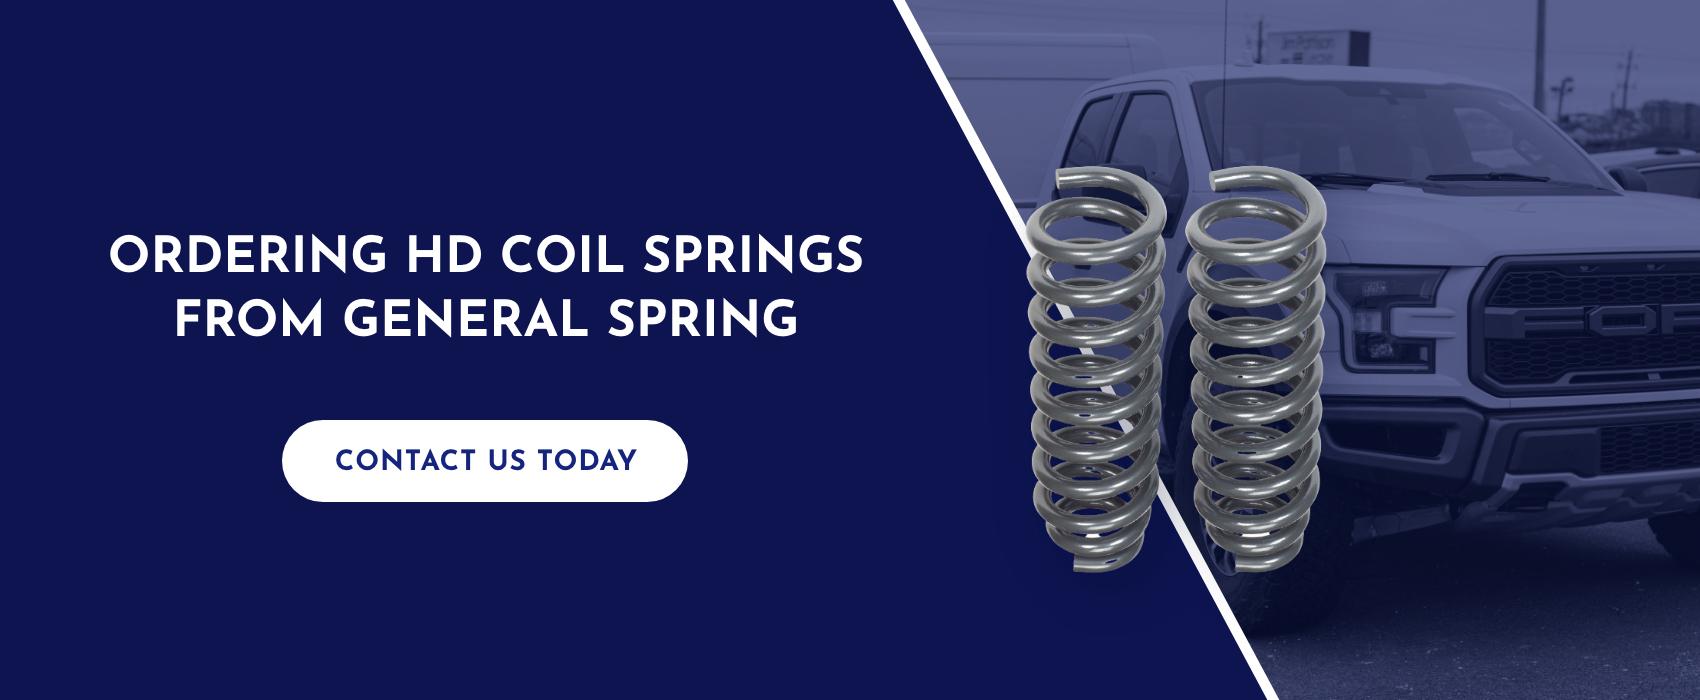 02-ordering-hd-coil-springs-from-general-spring.jpg